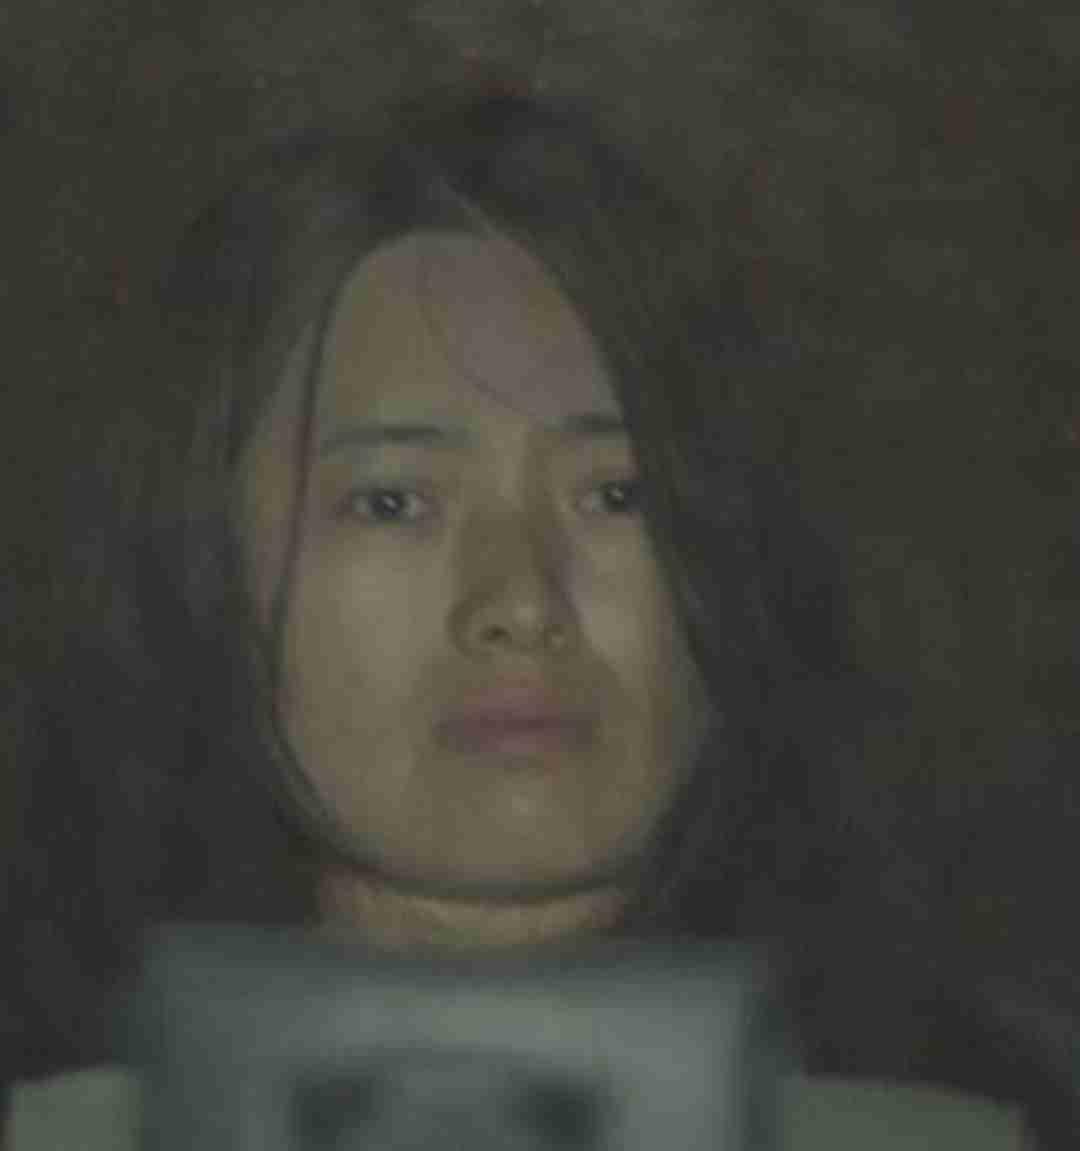 45歳男性が包丁で刺されて死亡 W不倫 逮捕の33歳女「男性が妻と旅行に行こうとした」